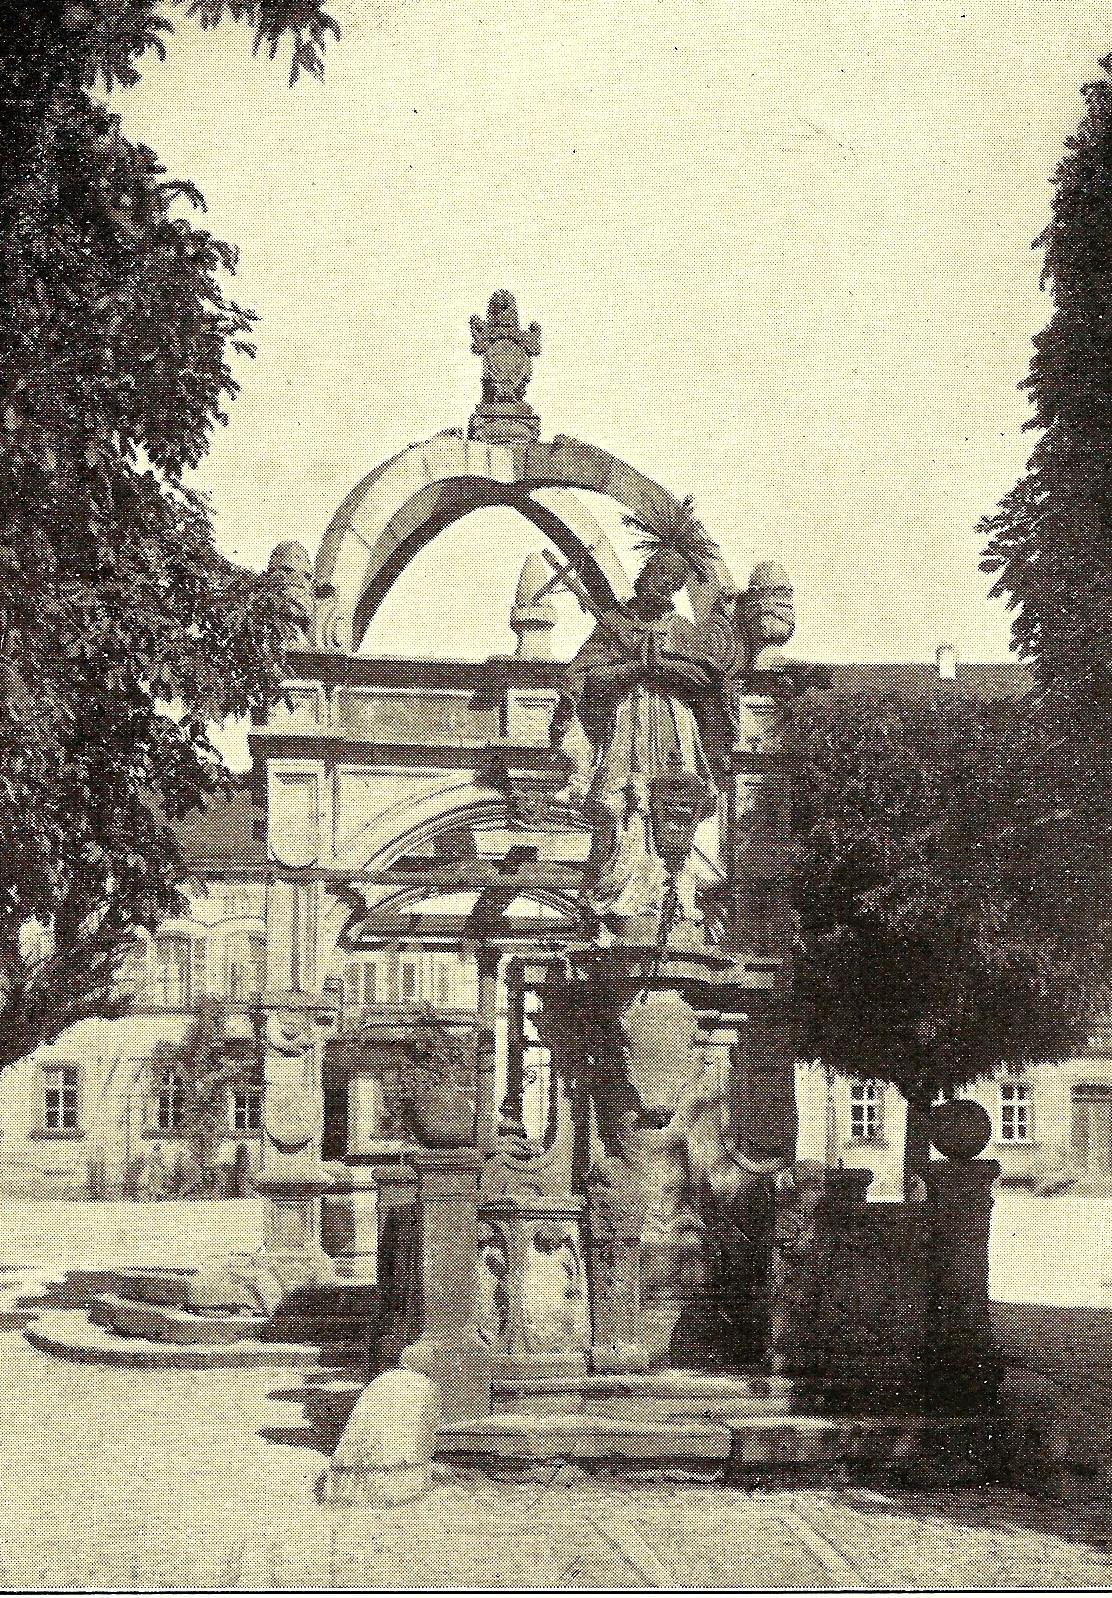 St. Nepomuk vor dem Brunnen auf dem Marktplatz (vor 1925)